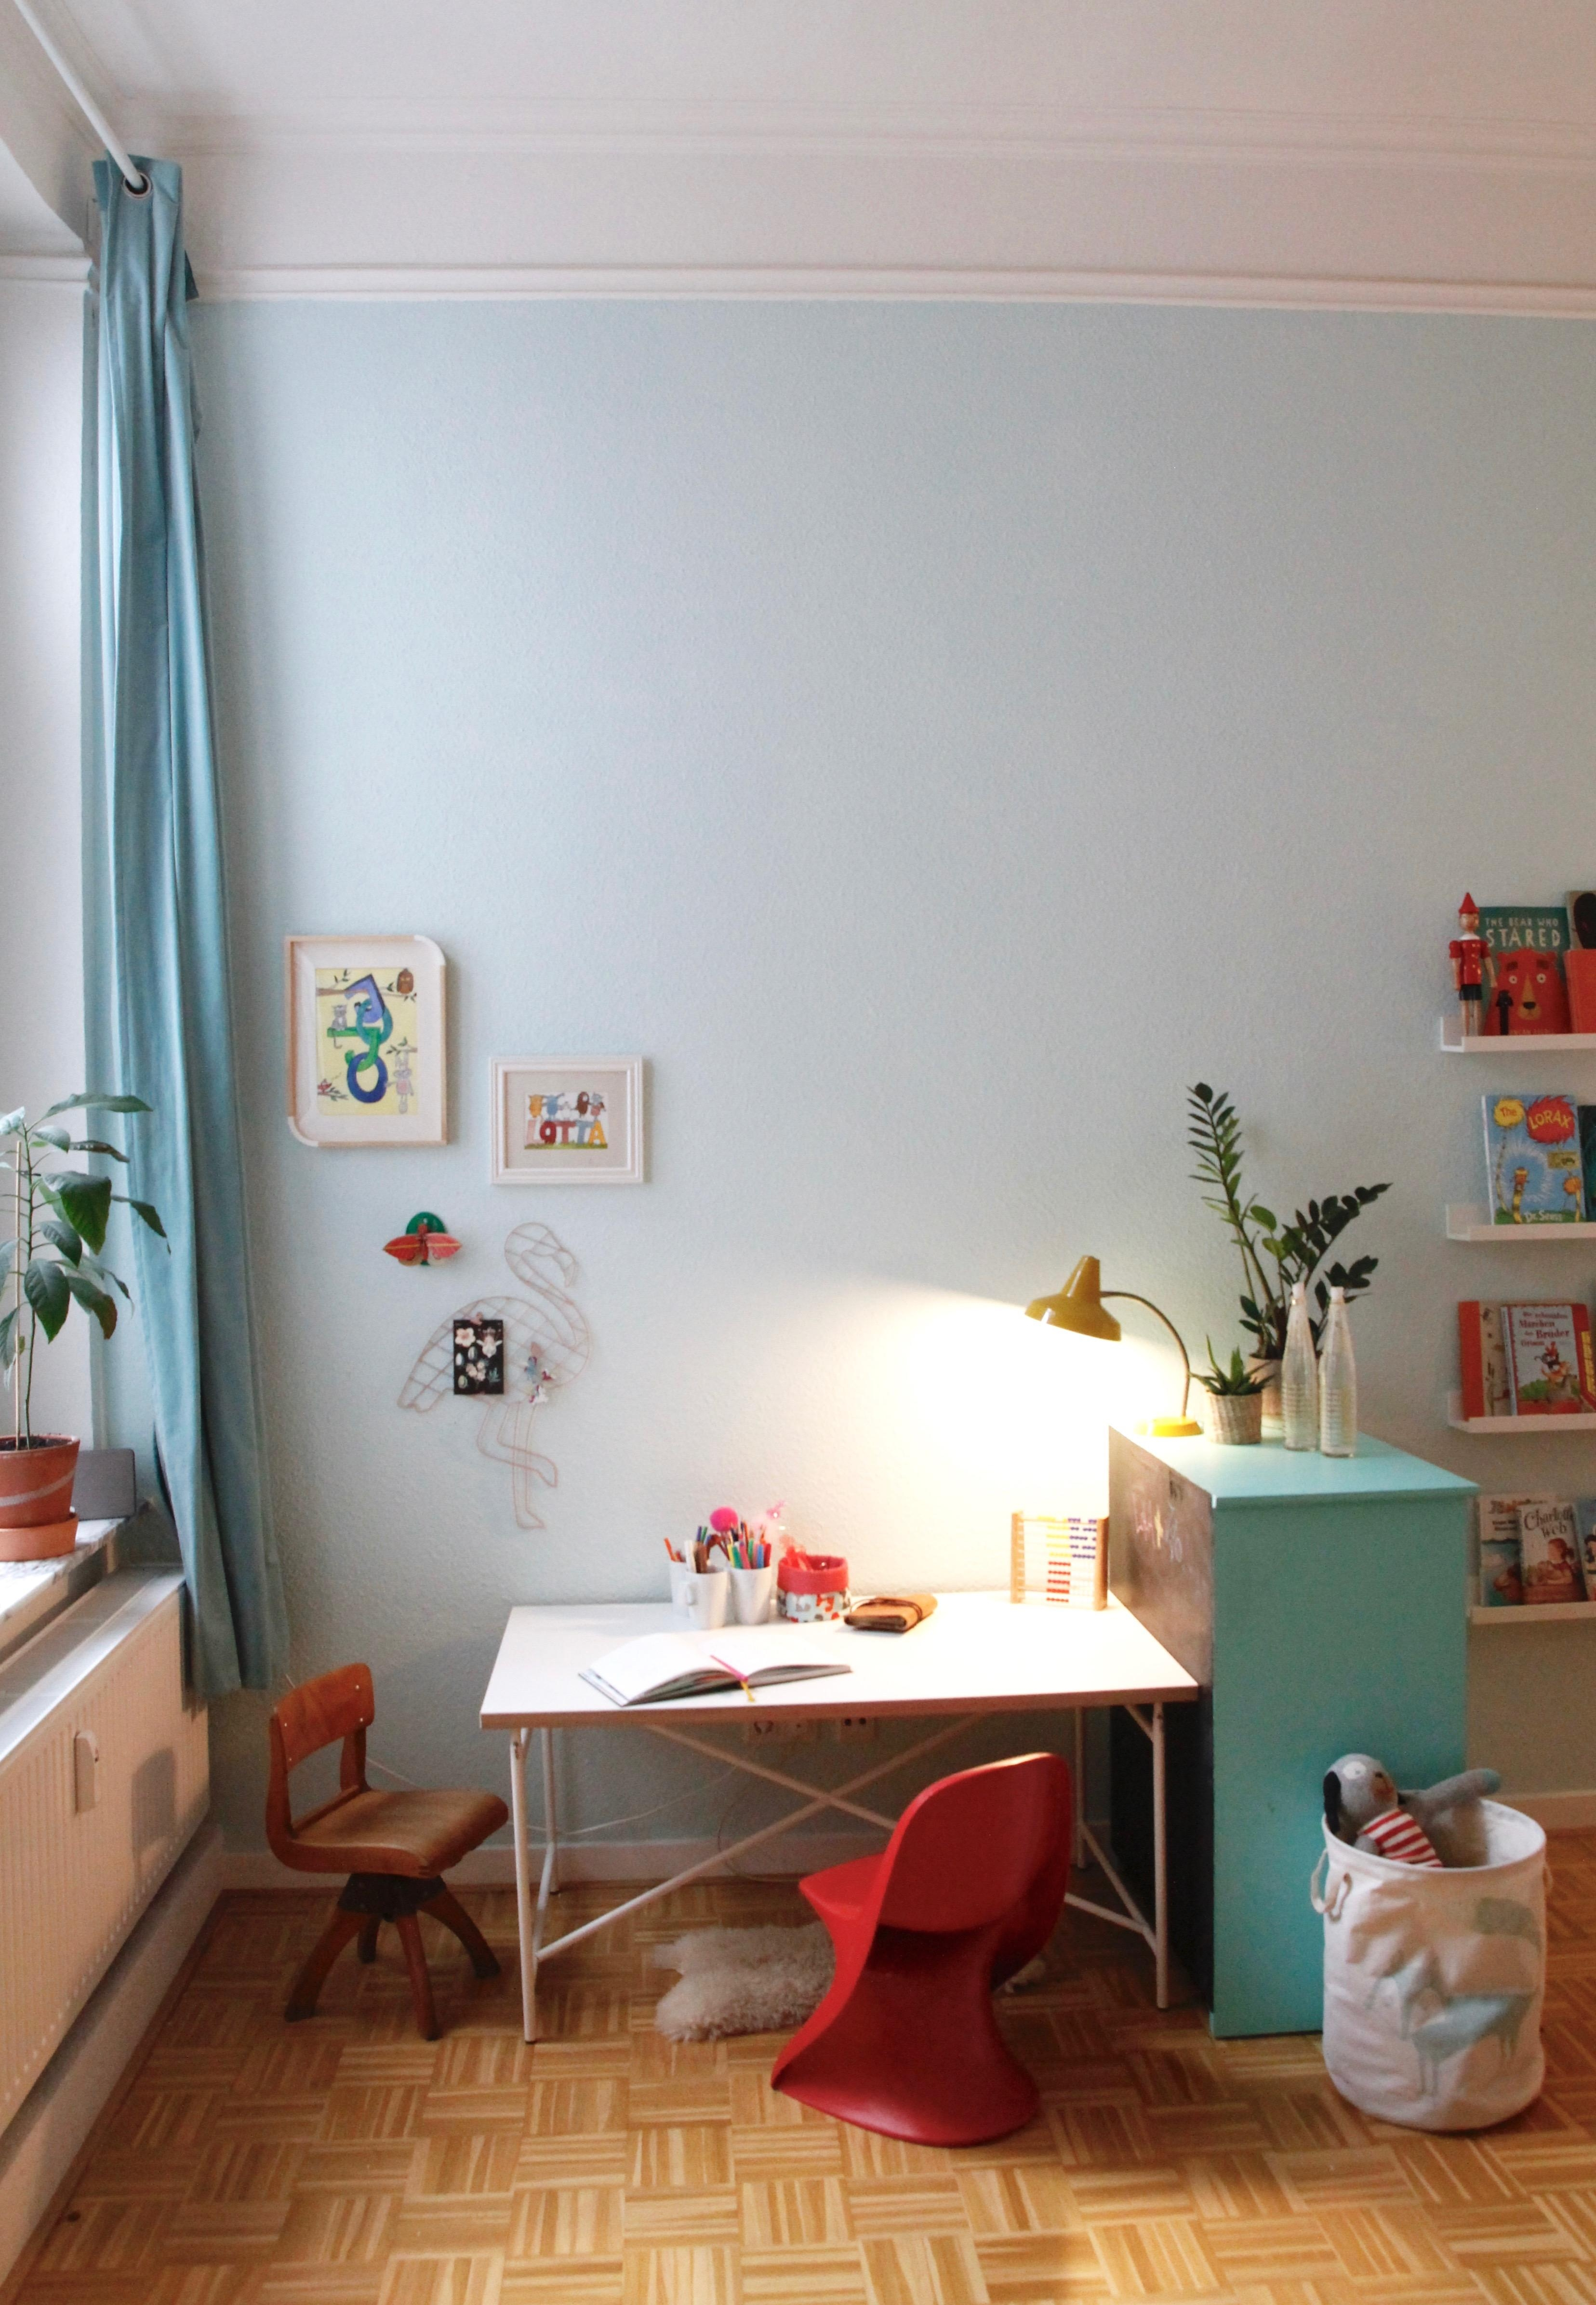 kinderzimmer gem tlich einrichten so geht 39 s. Black Bedroom Furniture Sets. Home Design Ideas